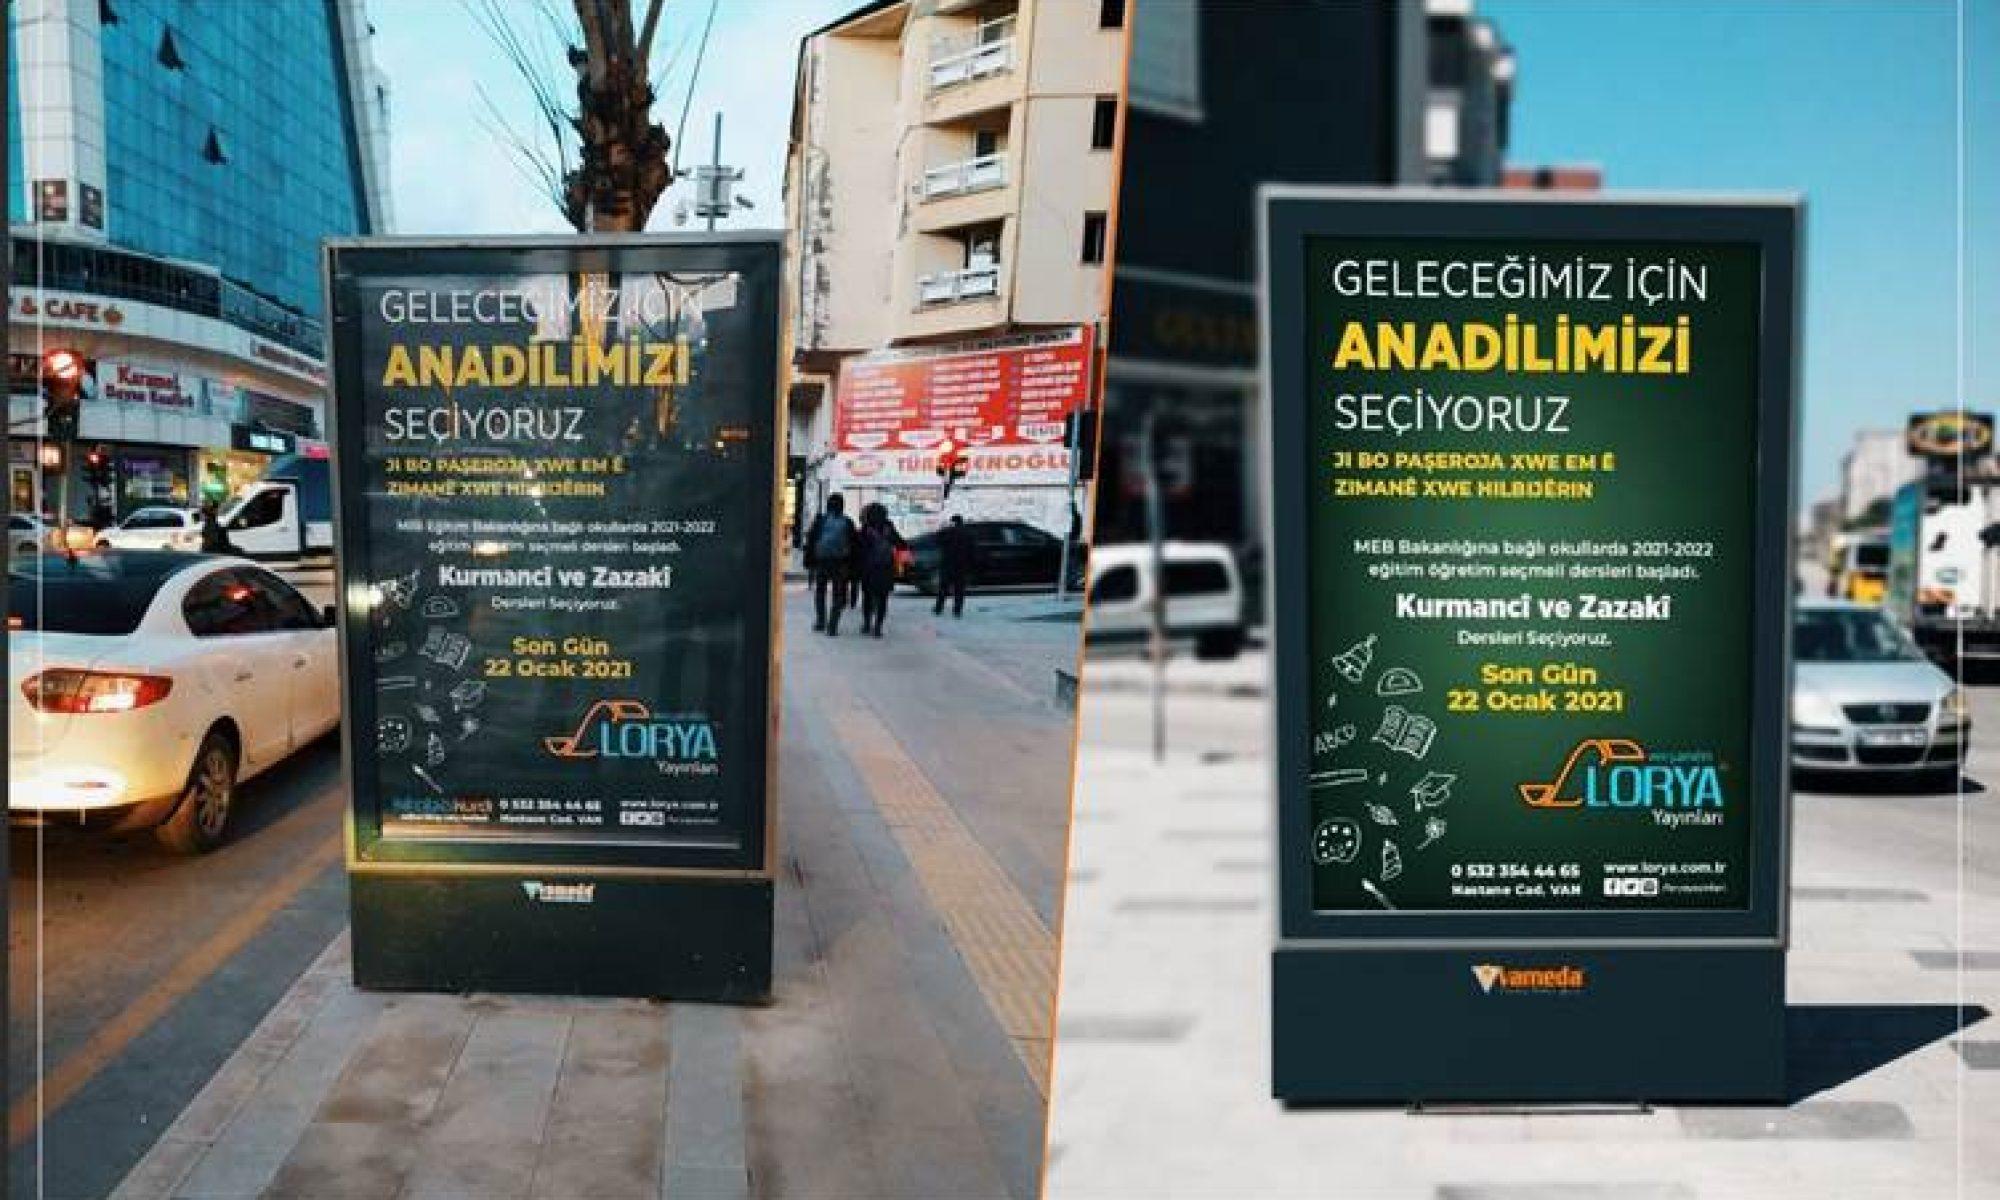 """Üç Kürt yayınevinden sevindiren kampanya: Van'da bilbordlara """"anadilimizi seçiyoruz"""" yazıldı"""